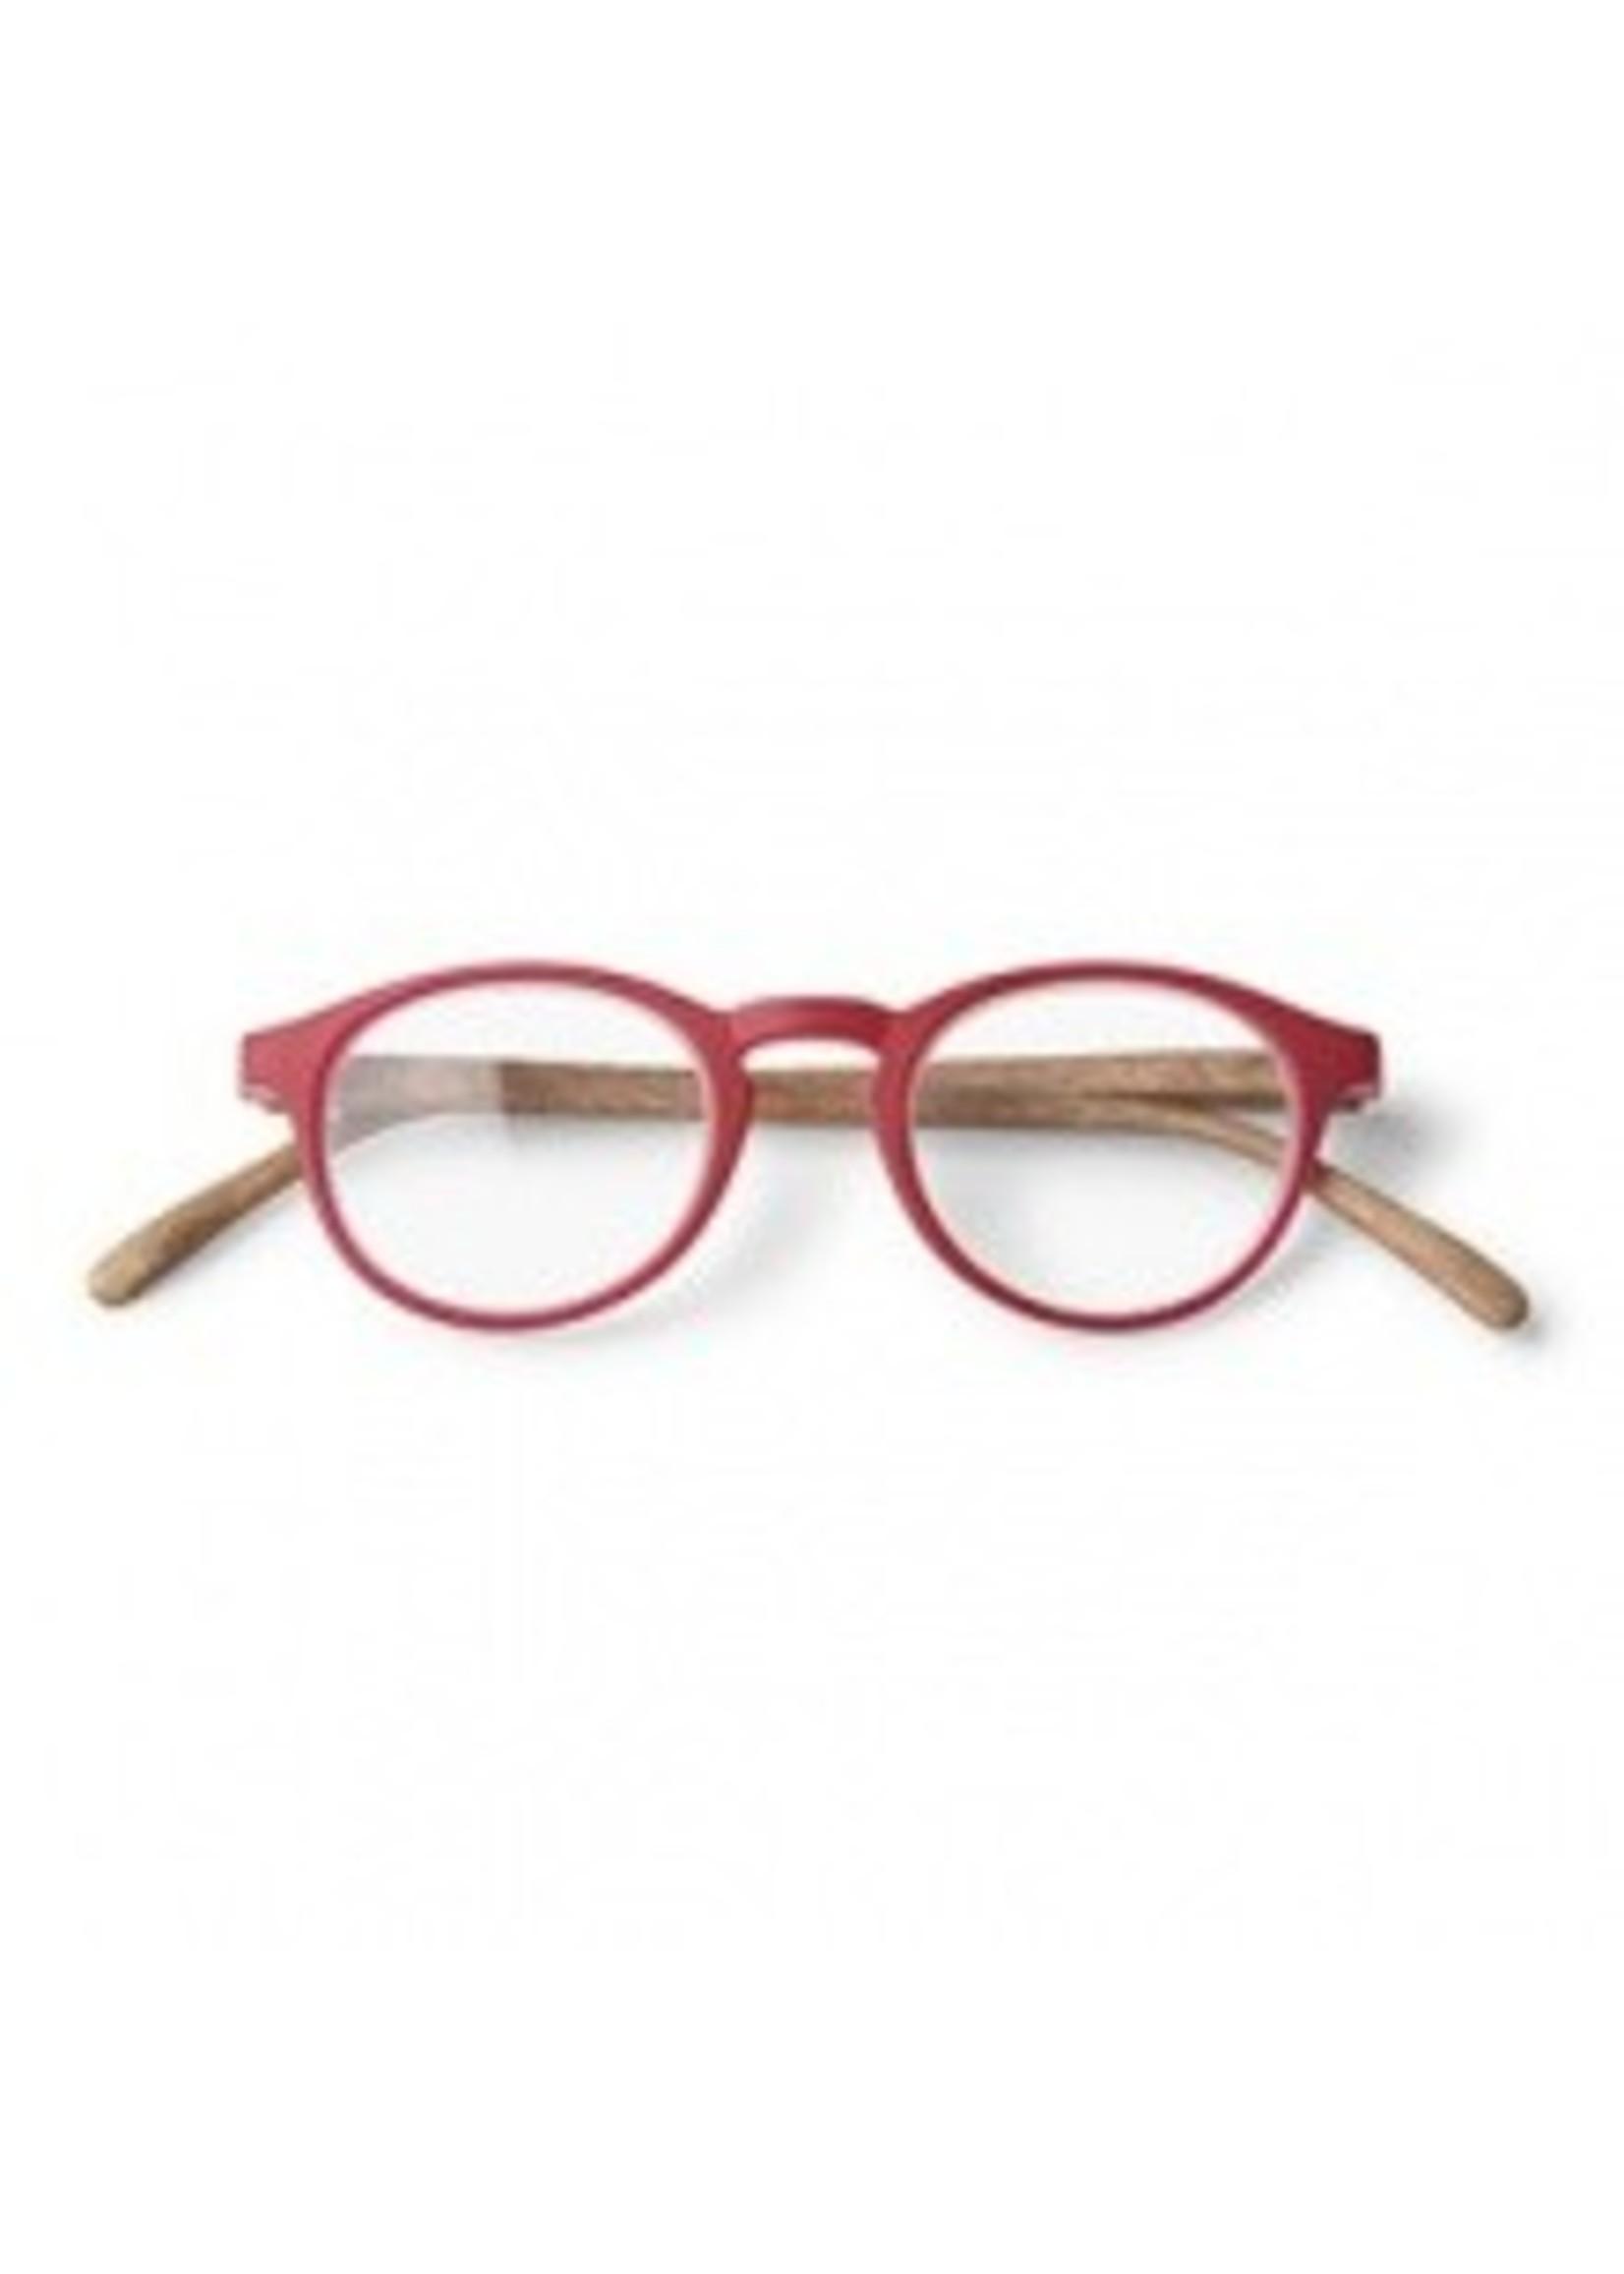 Dokters Leesbril hout-look rood